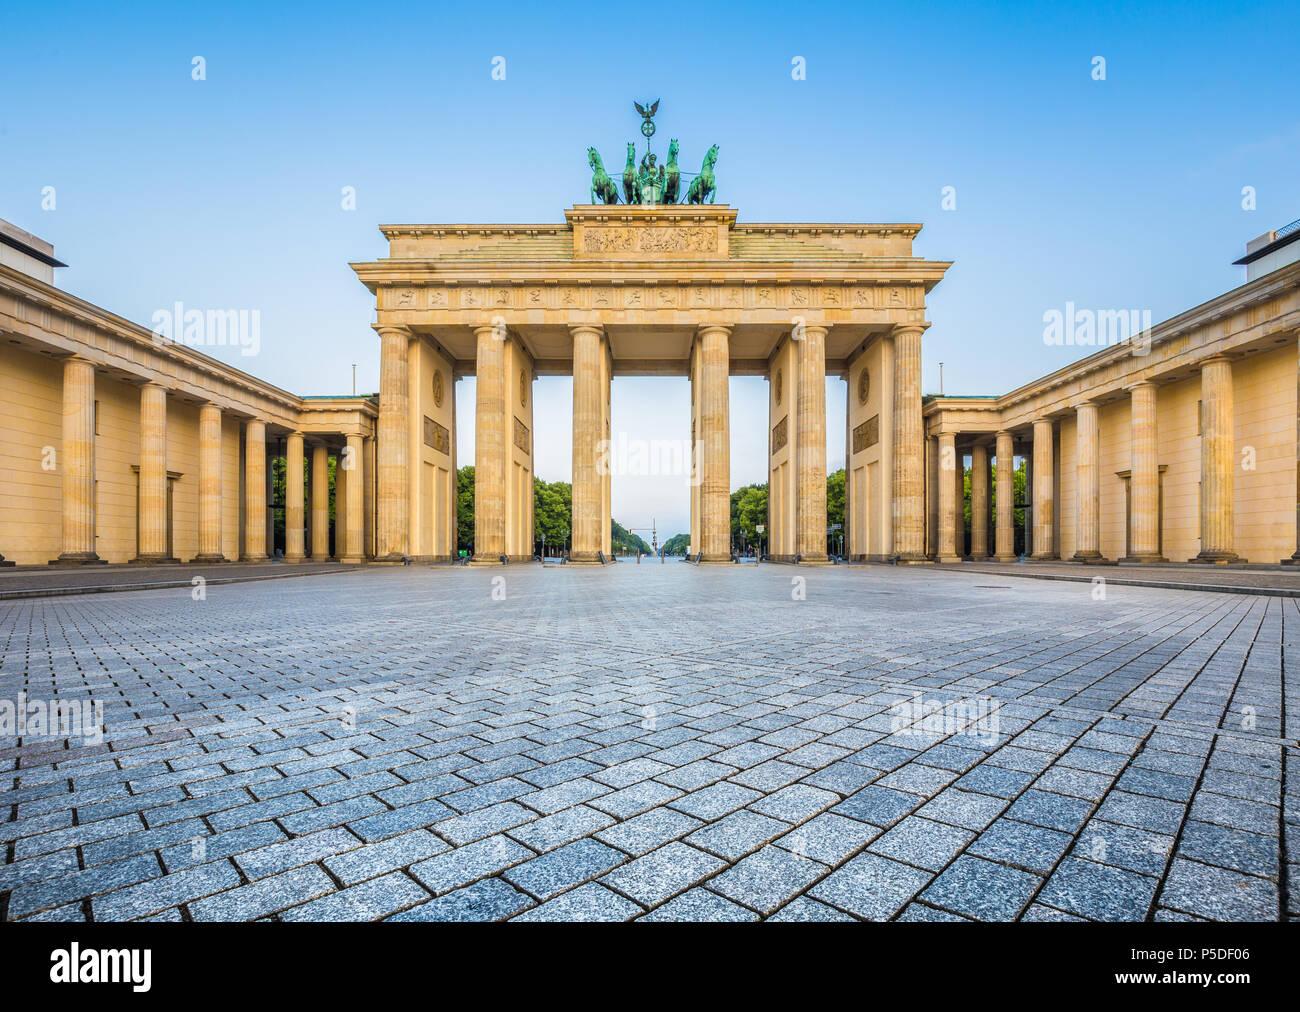 Brandenburger Tor (Puerta de Brandenburgo), uno de los hitos más conocidos y los símbolos nacionales de Alemania, en la hermosa golden morning light en sun Imagen De Stock